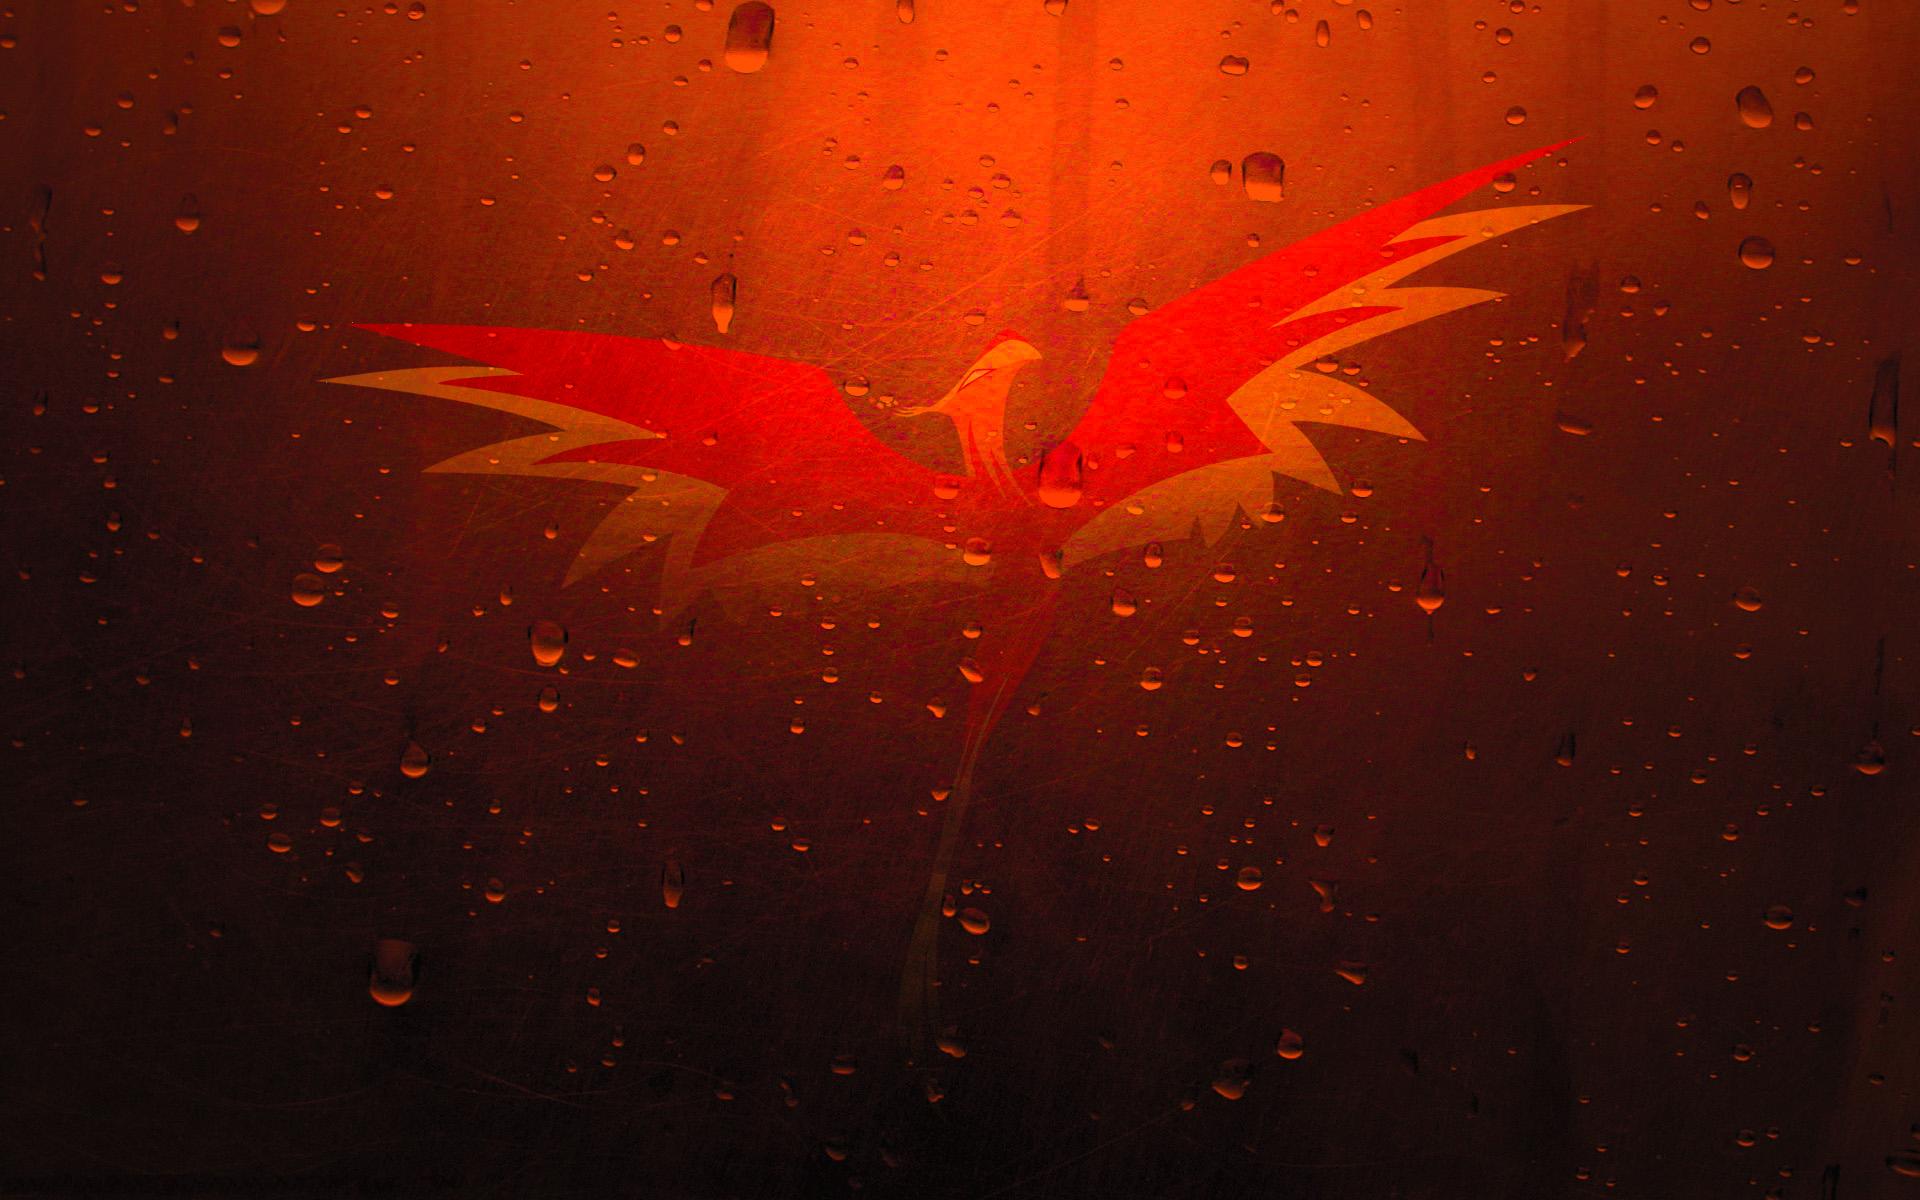 Fantaisie Phoenix Fond d'écran